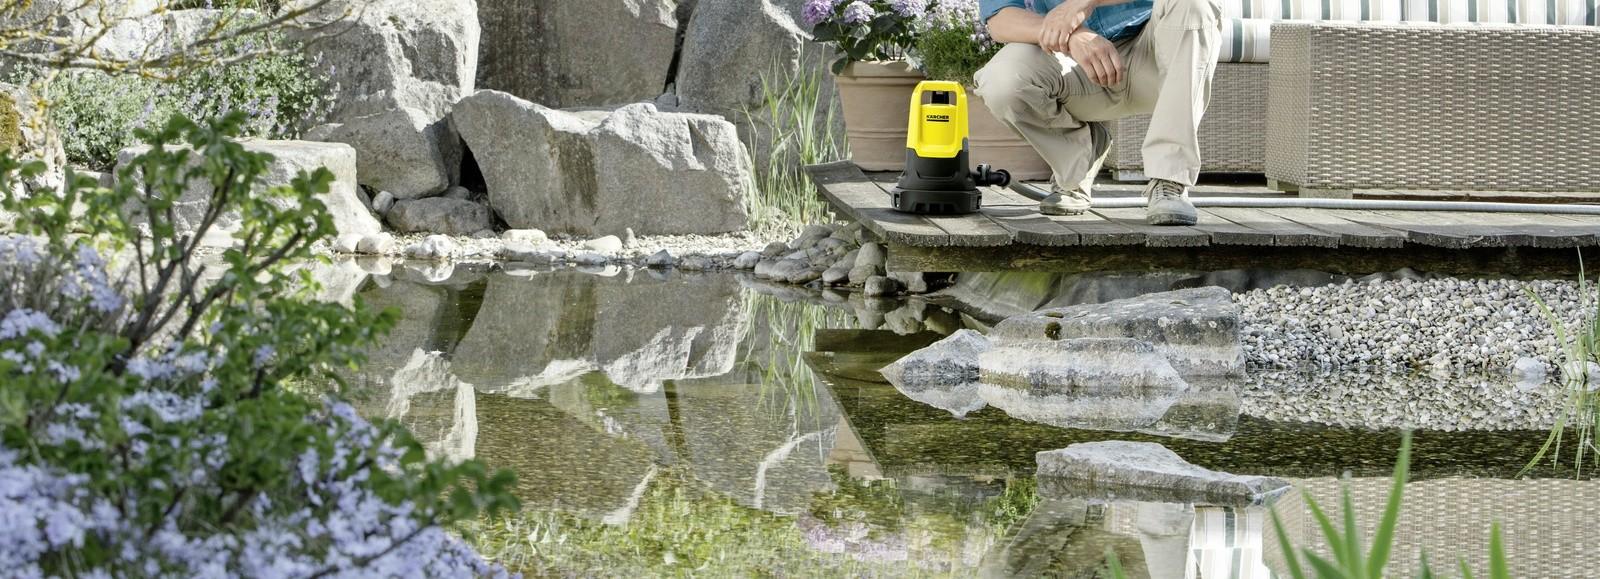 Новый погружной насос SP 5 Dual от Kärcher для перекачки грязной и чистой воды